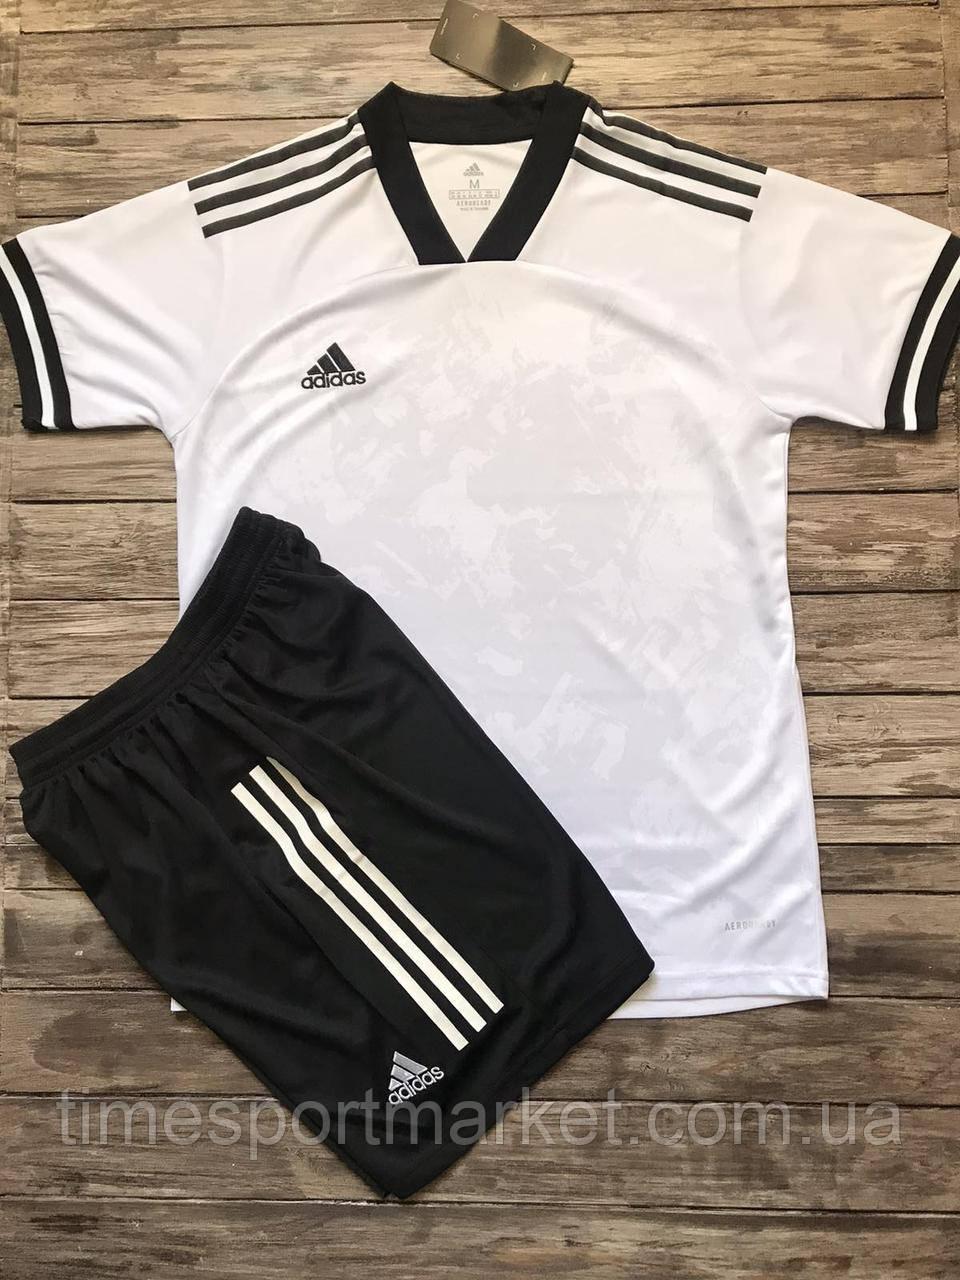 Футбольная форма для команд ADIDAS белый (Реплика)